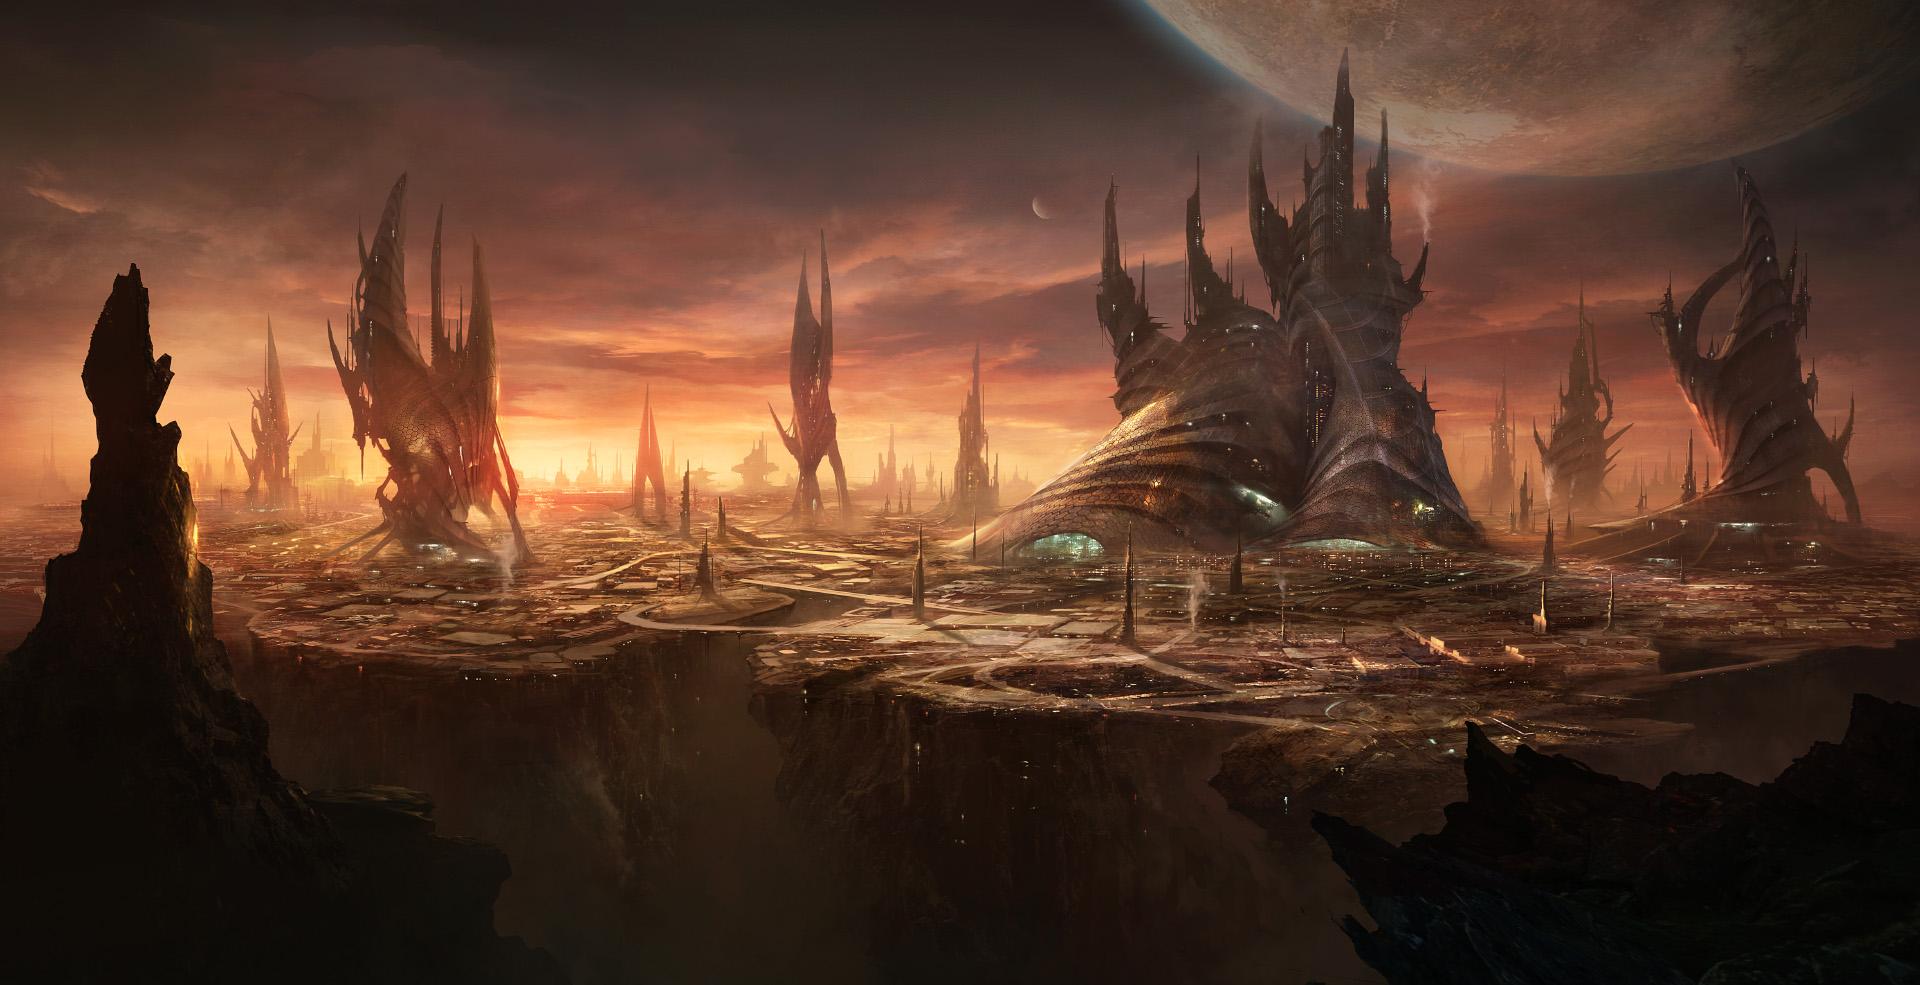 stellaris_dev_diary_02_01_20120928_alien_city.jpg